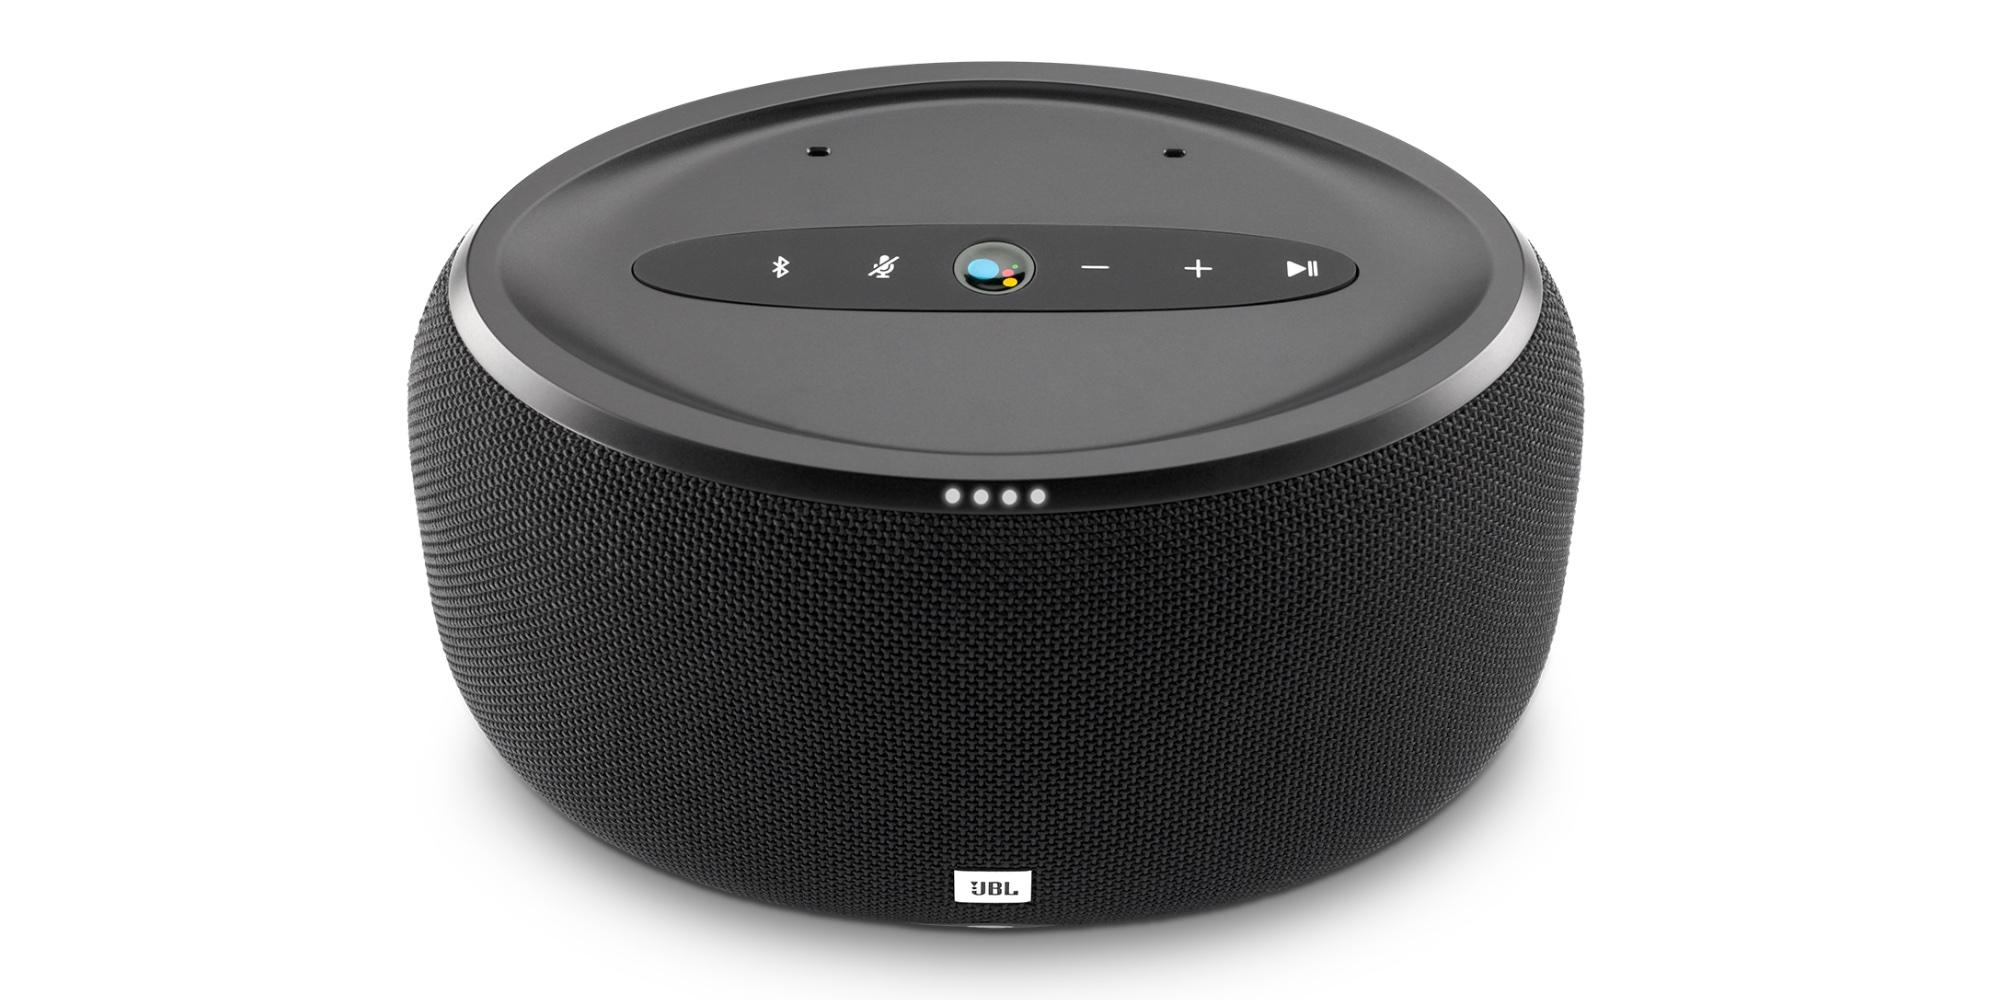 JBL's Link 300 Speaker packs Assistant + room-filling audio at $80 (Cert. Refurb, Orig. $250)